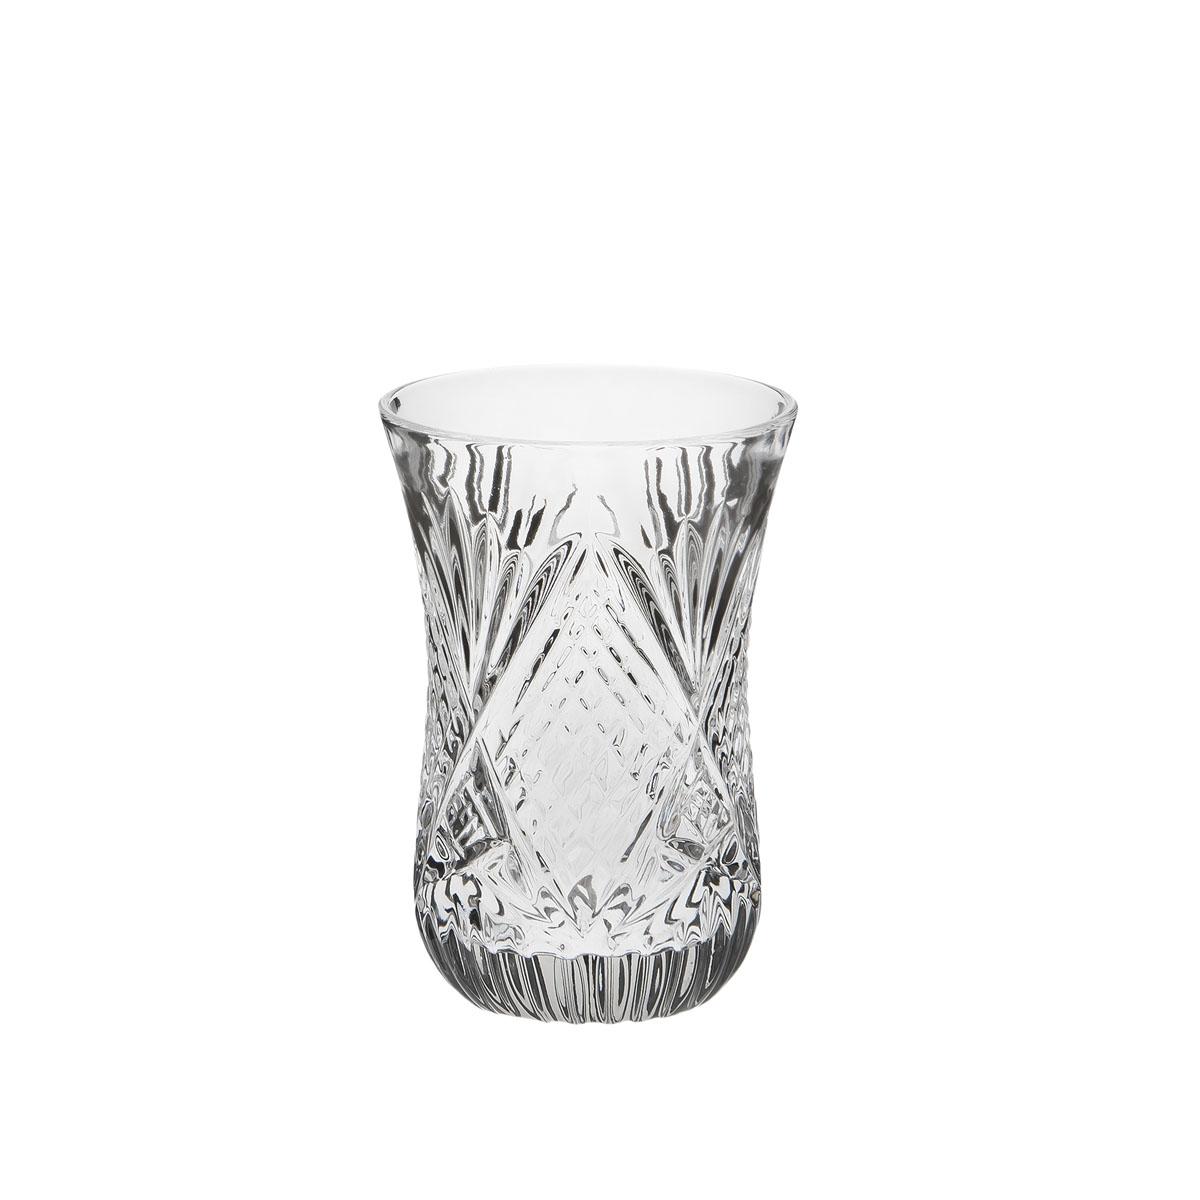 Стакан Дятьковский хрусталь Восточный, 125 мл. С998G5075Хрустальные стаканы – красивое и простое решение для украшения праздничного стола. Стаканы из хрусталя универсальны, они подойдут и для алкогольных напитков – вина, шампанского, и для освежающих – минеральной воды, компота или сока. Если в вашей домашней коллекции еще нет предметов хрустальной посуды, купить хрустальные стаканы стоит обязательно.